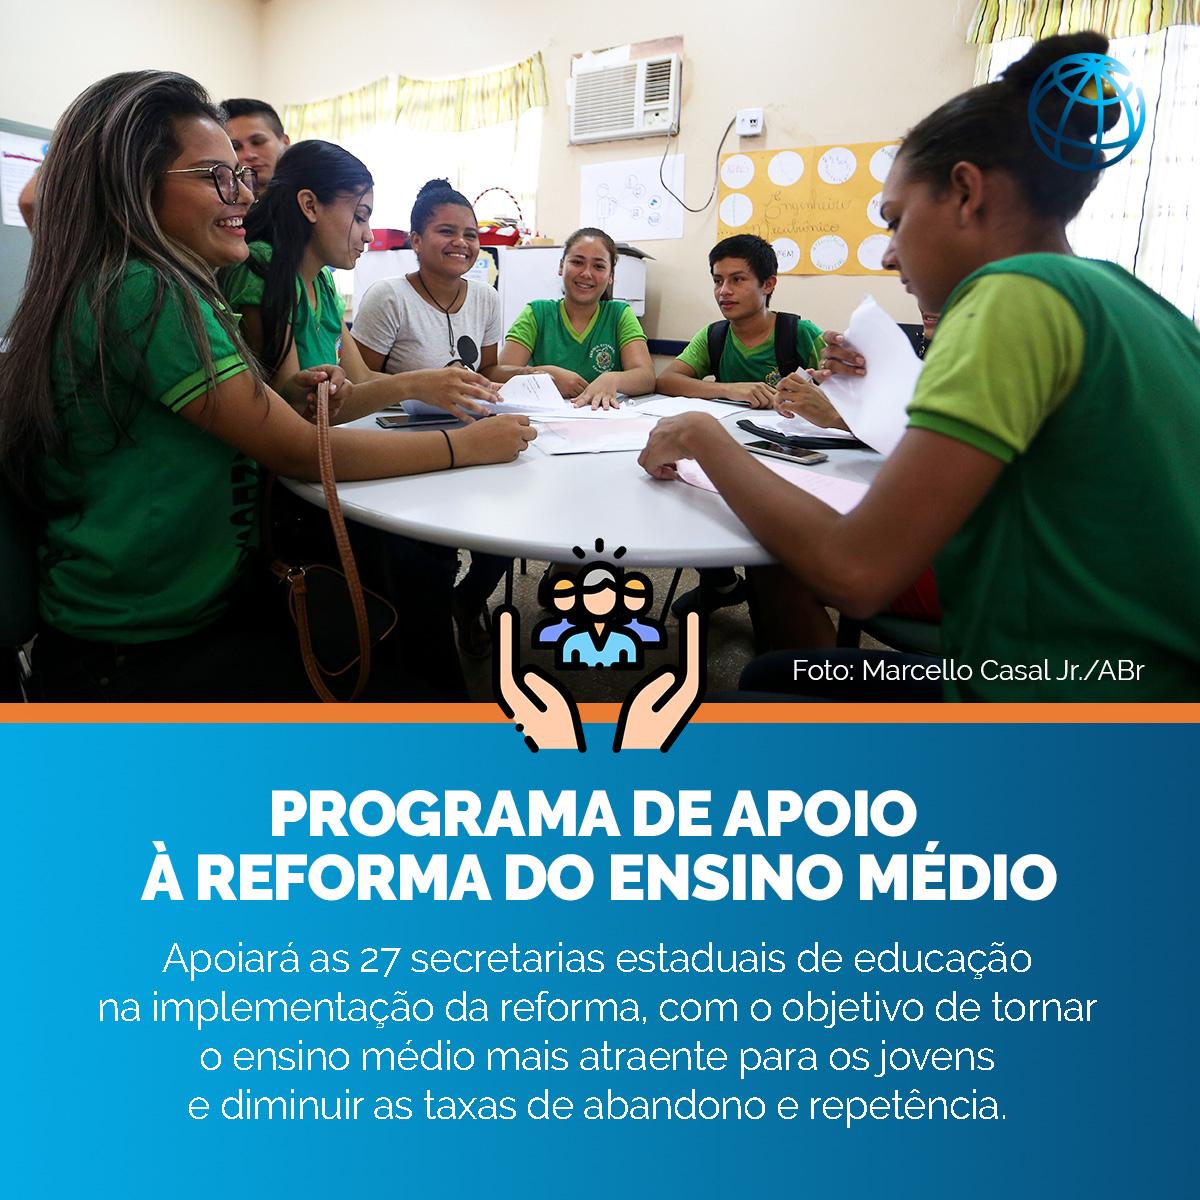 A Reforma do Ensino Médio tem o objetivo de tornar o ensino médio mais relevante para os jovens brasileiros, o que ajudará o país a construir um crescimento econômico sustentável. Saiba mais sobre o apoio do Banco Mundial a essa iniciativa  @MEC_Comunicacao